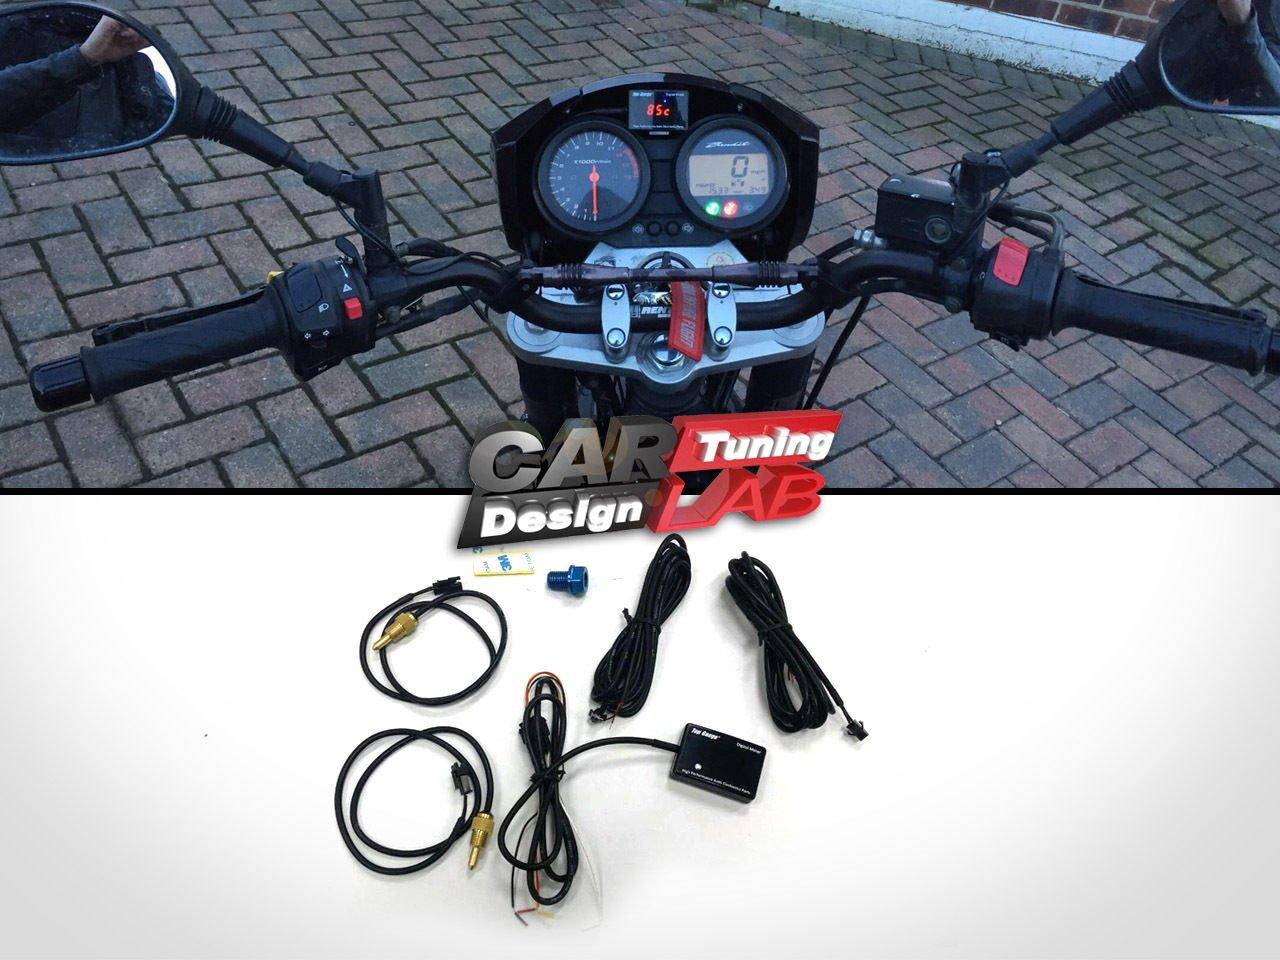 Medidor Digital 3 en 1 para motocicleta: temperatura del agua, del aceite y voltí metro, pantalla LED, impermeable CarLab